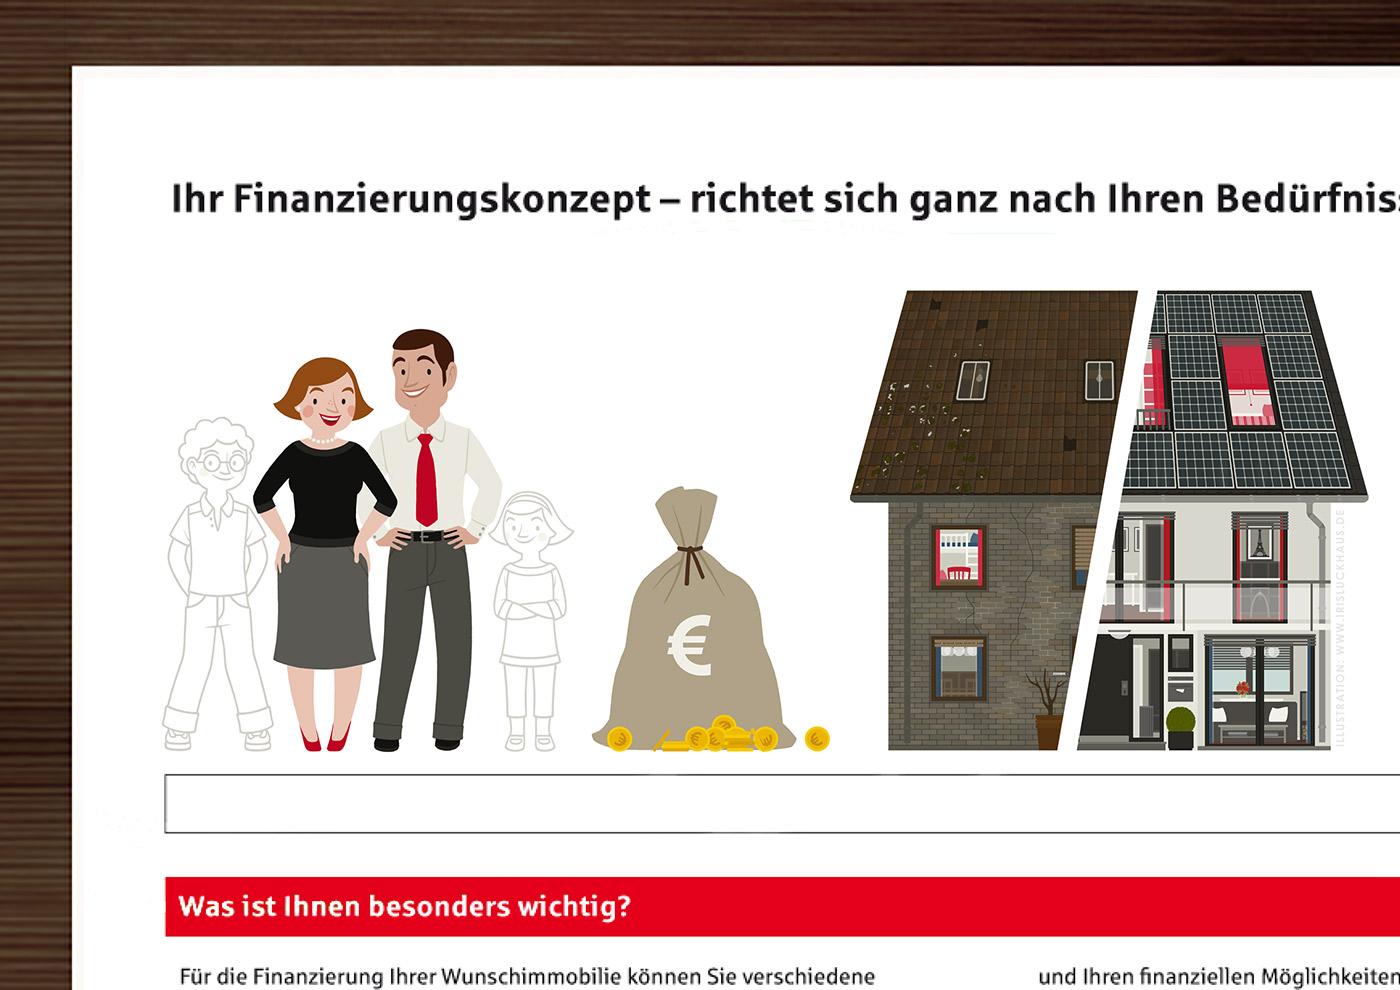 Zeichnungen von einem Paar mit Kindern zum Ausmalen, einem Geldsack und einem Haus in Renoviert und Unrenoviert für einen Fragebogen der Stadtsparkasse Wuppertal